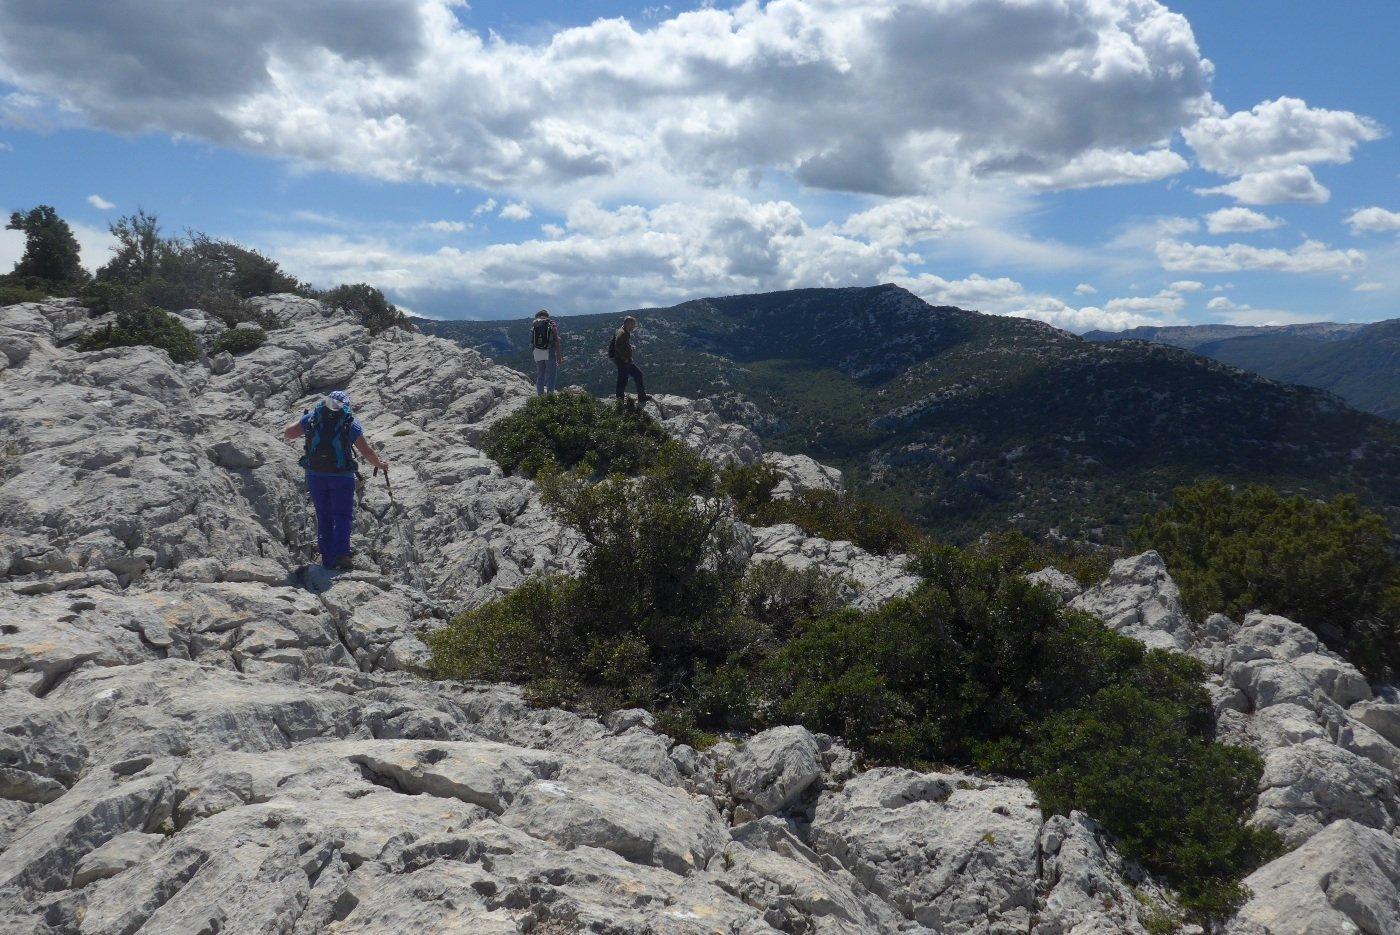 Arrivando in vetta al monte Onamarra